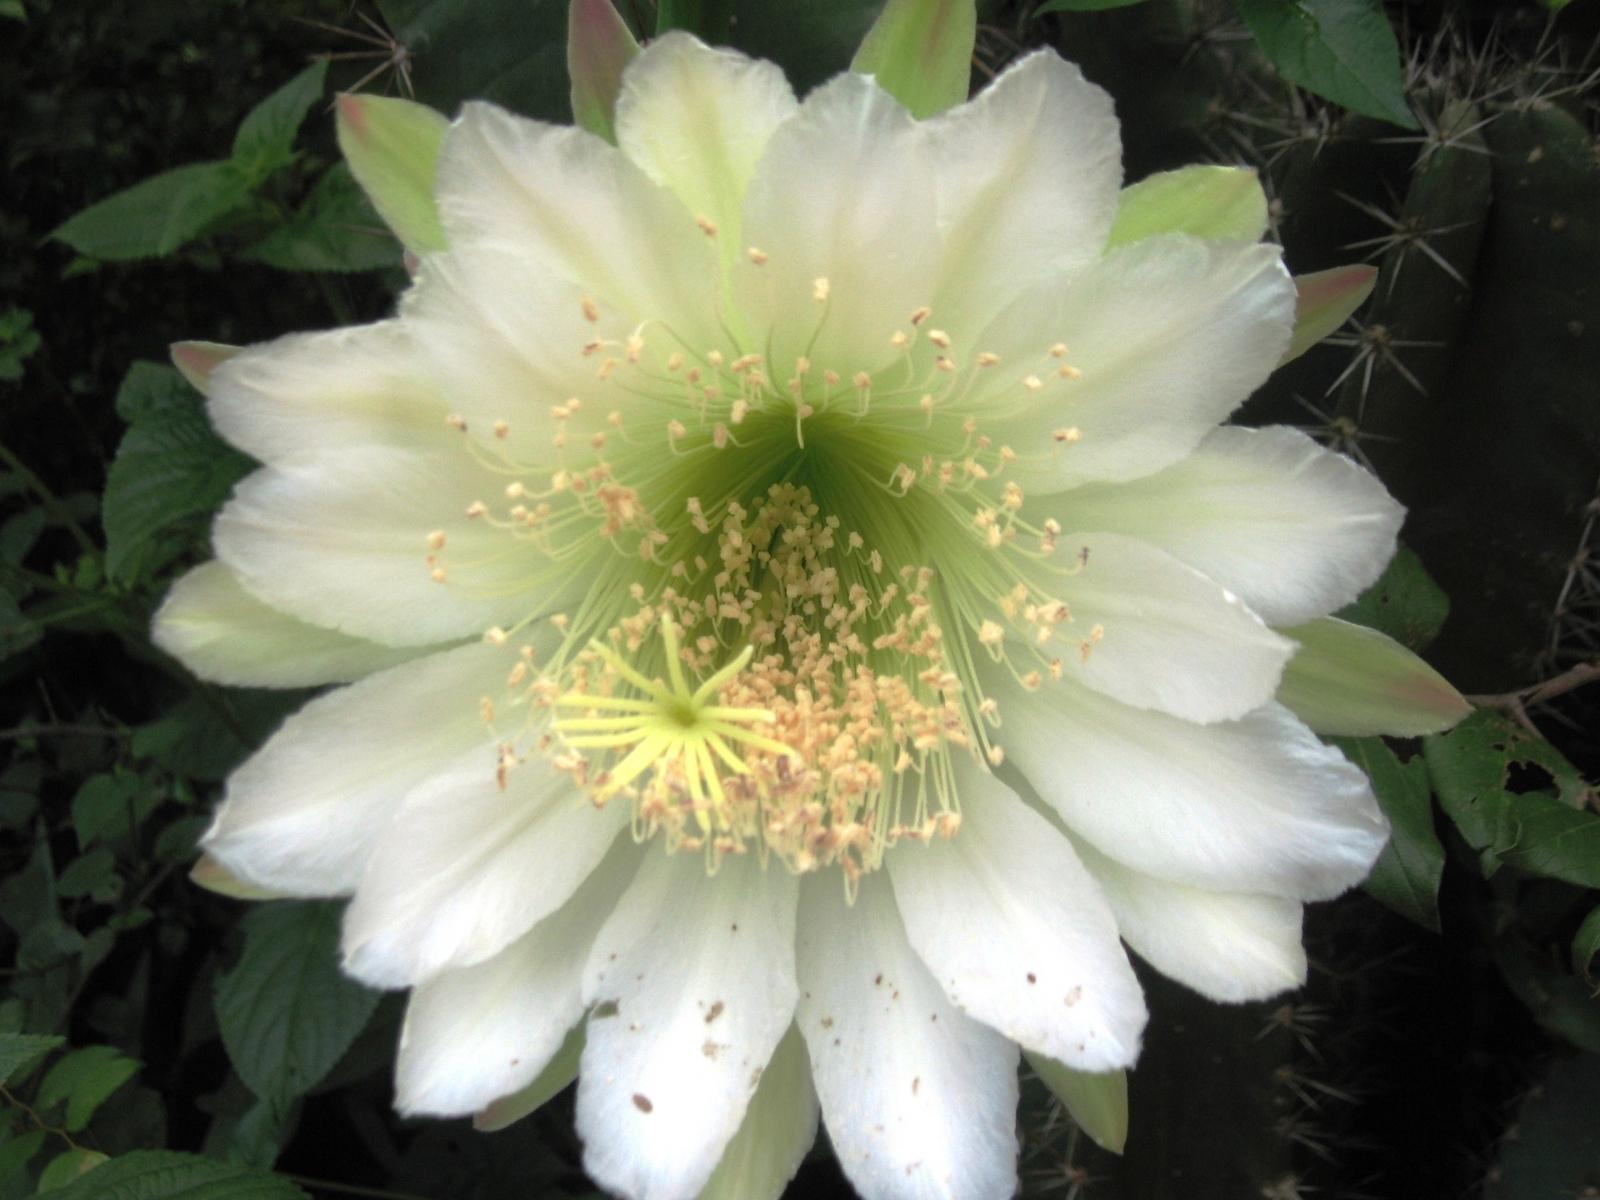 CACTI FLOWER